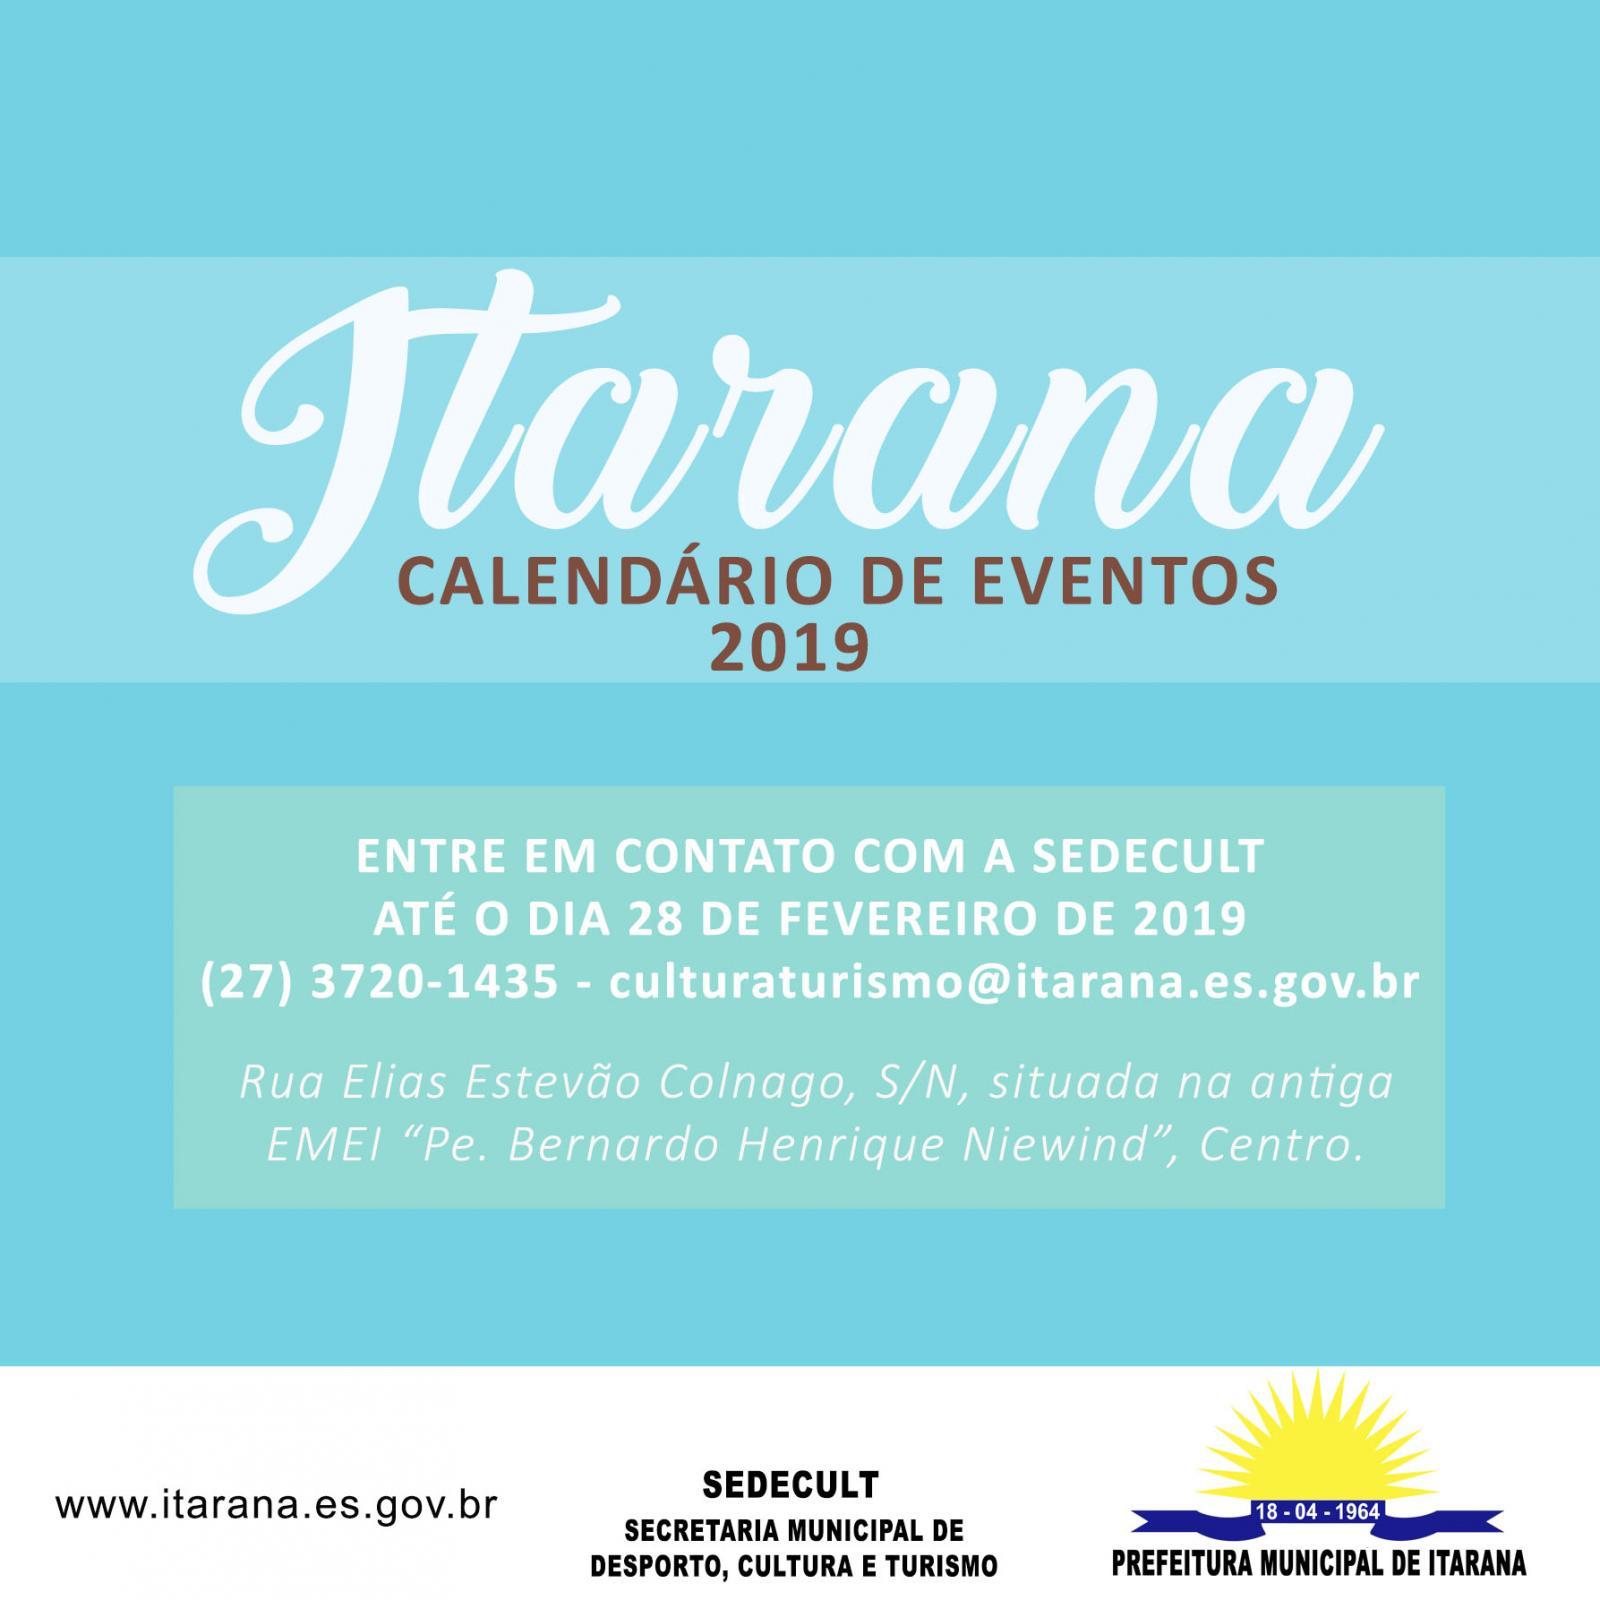 Informações sobre o Calendário de Eventos 2019